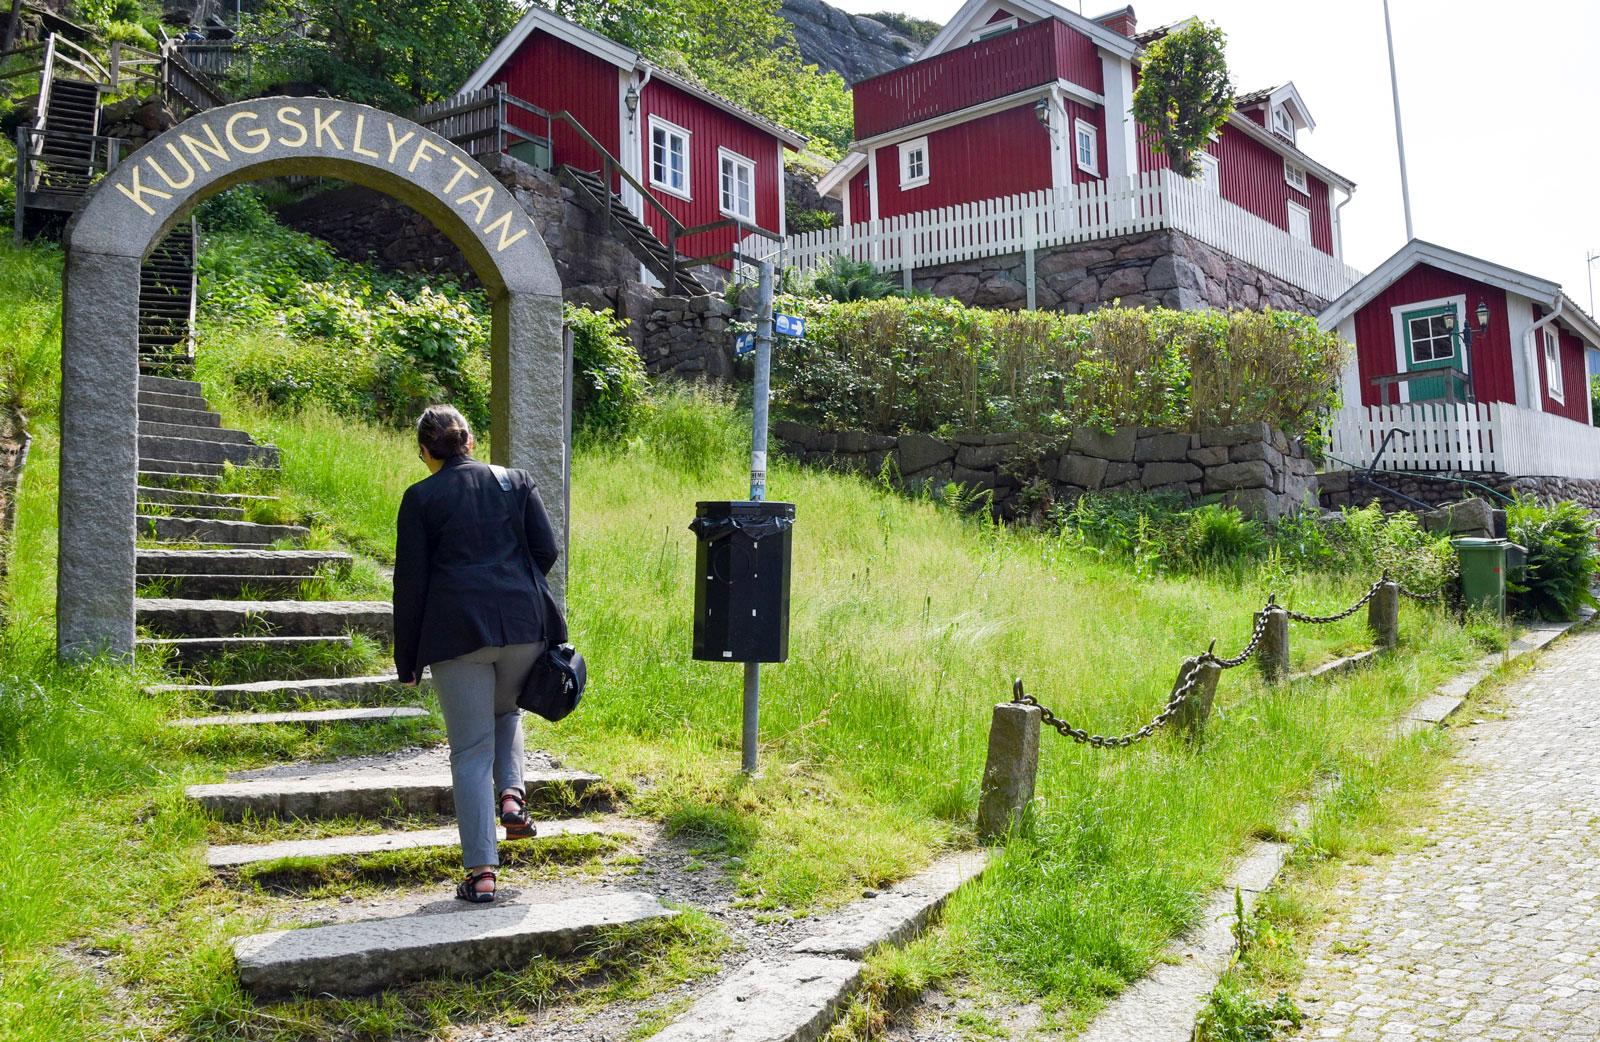 Kungsklyftan i Fjällbacka är en av de platser som finns med i Camilla Läckbergs kriminalromaner.